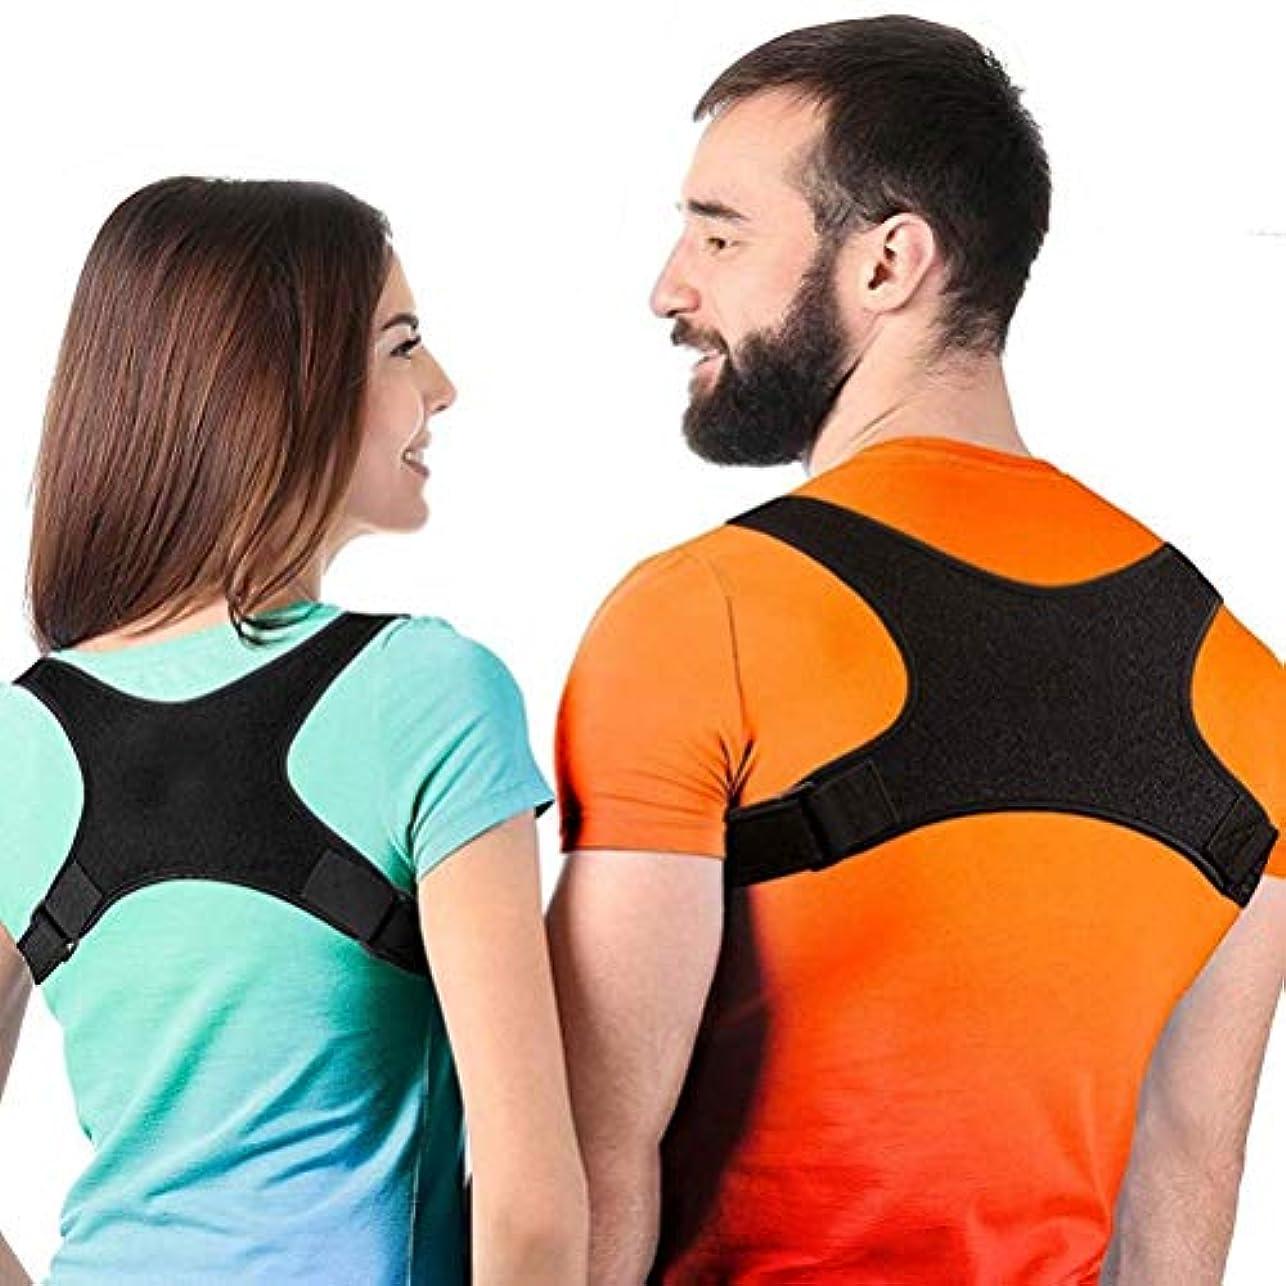 ピラミッドメディック飼い慣らす男性と女性のための姿勢補正装置調節可能なバックブレースバックサポートベルト通気性姿勢トレーナーデバイス脊椎アライメントS-黒